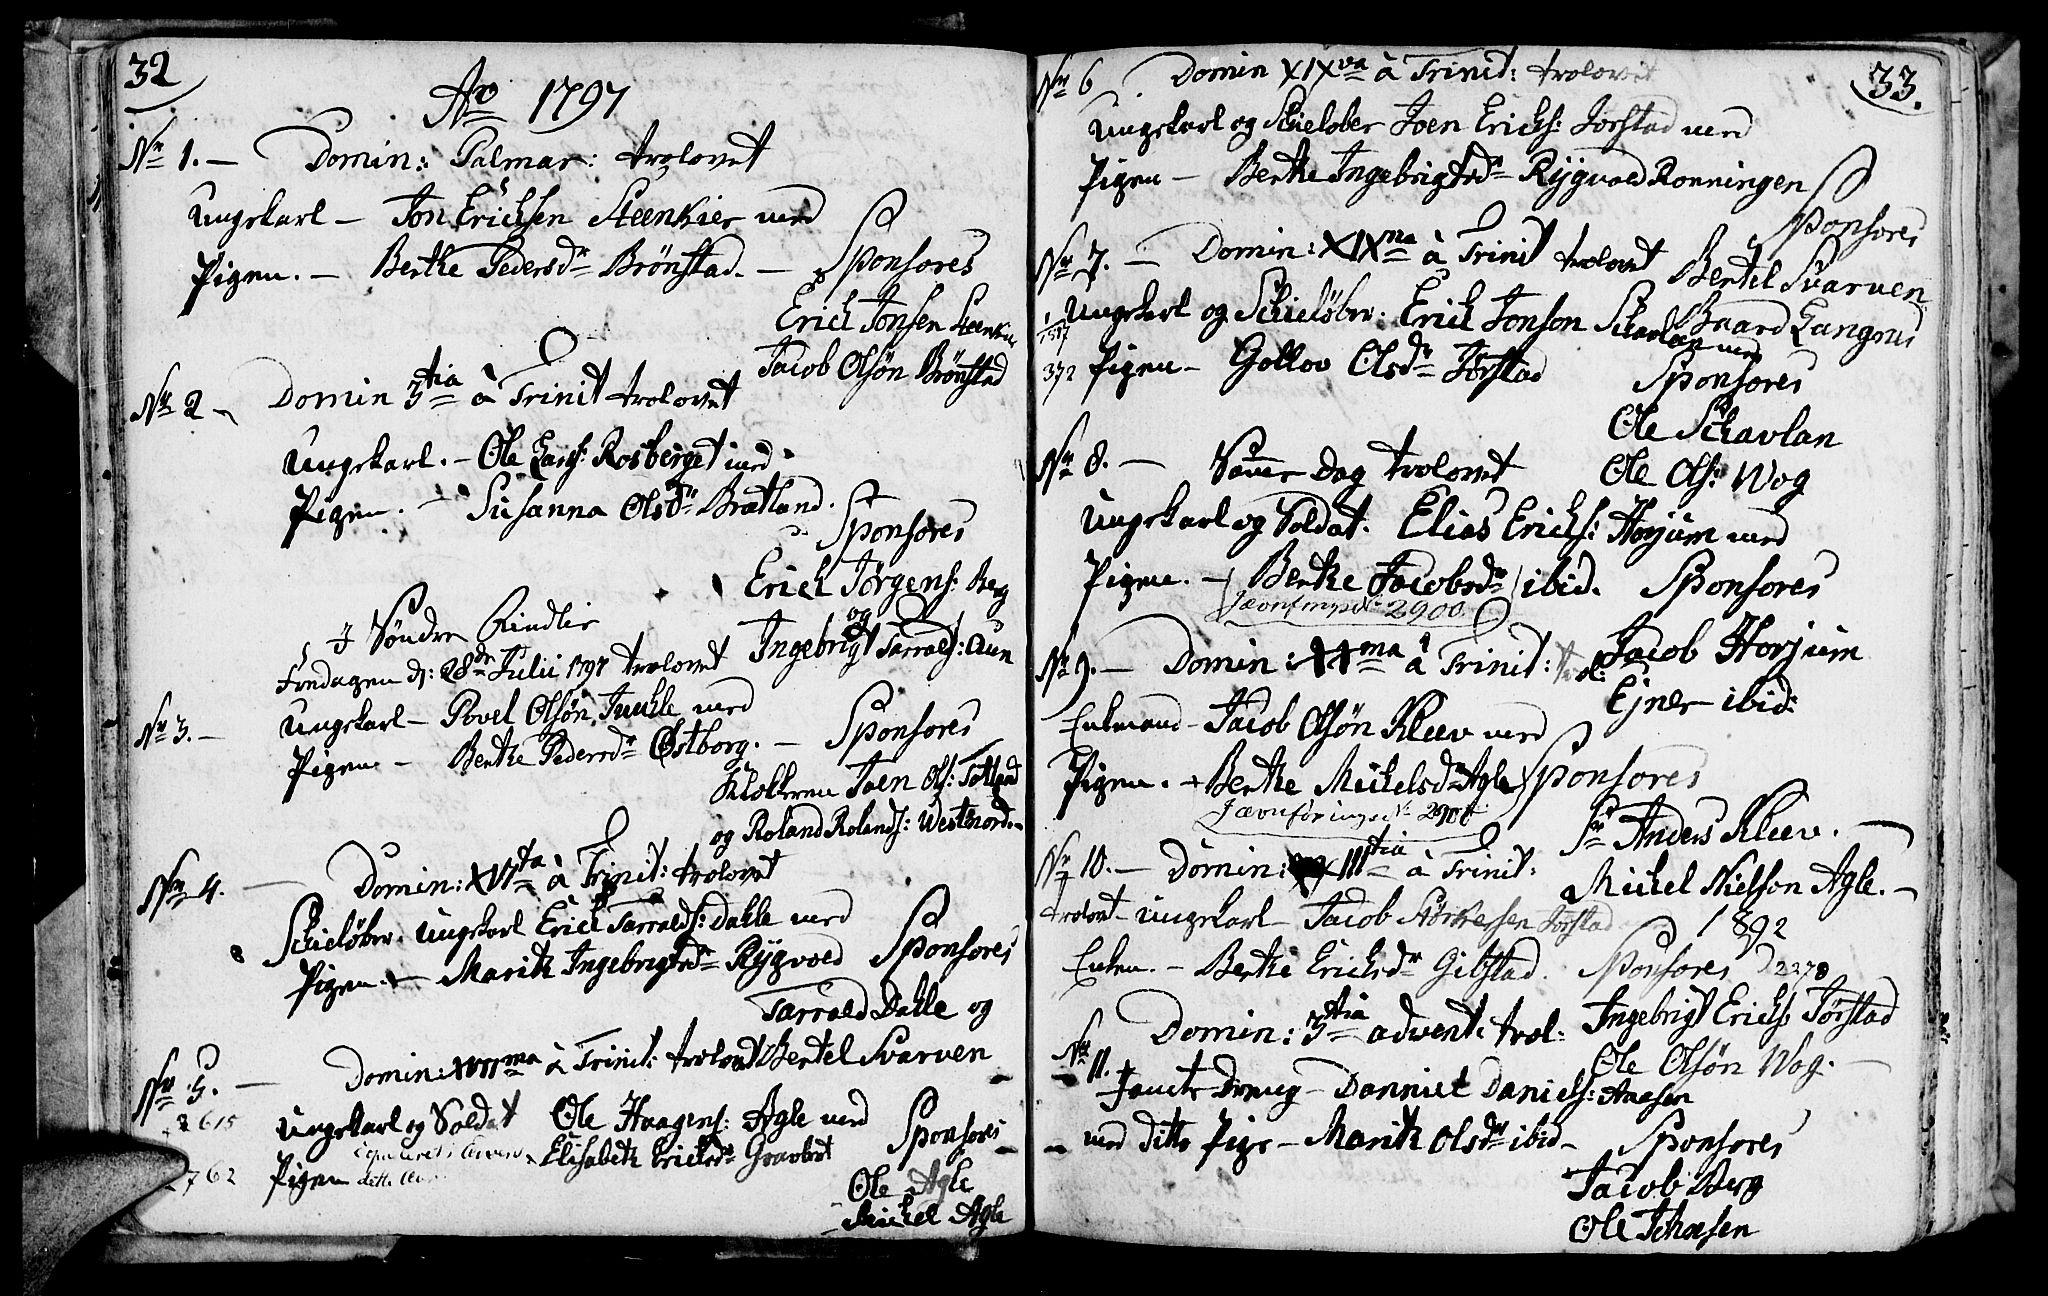 SAT, Ministerialprotokoller, klokkerbøker og fødselsregistre - Nord-Trøndelag, 749/L0468: Ministerialbok nr. 749A02, 1787-1817, s. 32-33